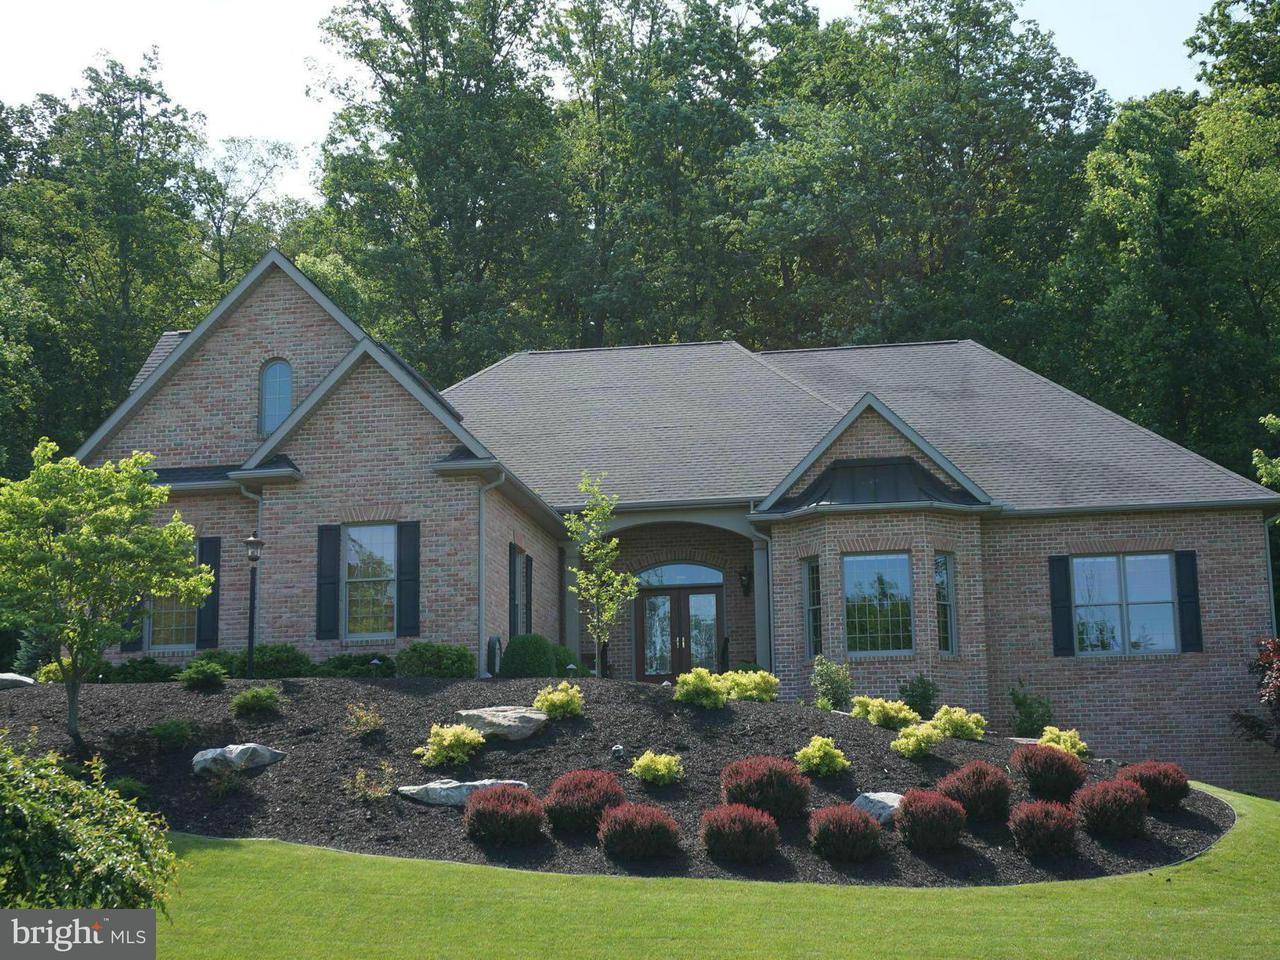 Частный односемейный дом для того Продажа на 11439 WEATHERSTONE Drive 11439 WEATHERSTONE Drive Waynesboro, Пенсильвания 17268 Соединенные Штаты